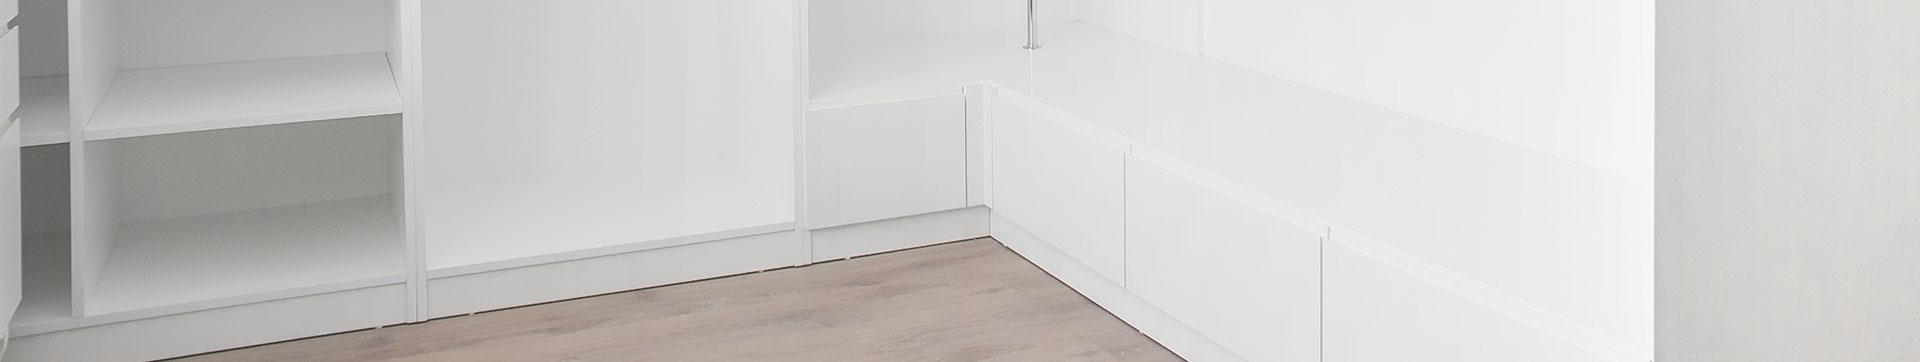 White Melamine Shelving composit panel - Melamine Shelving